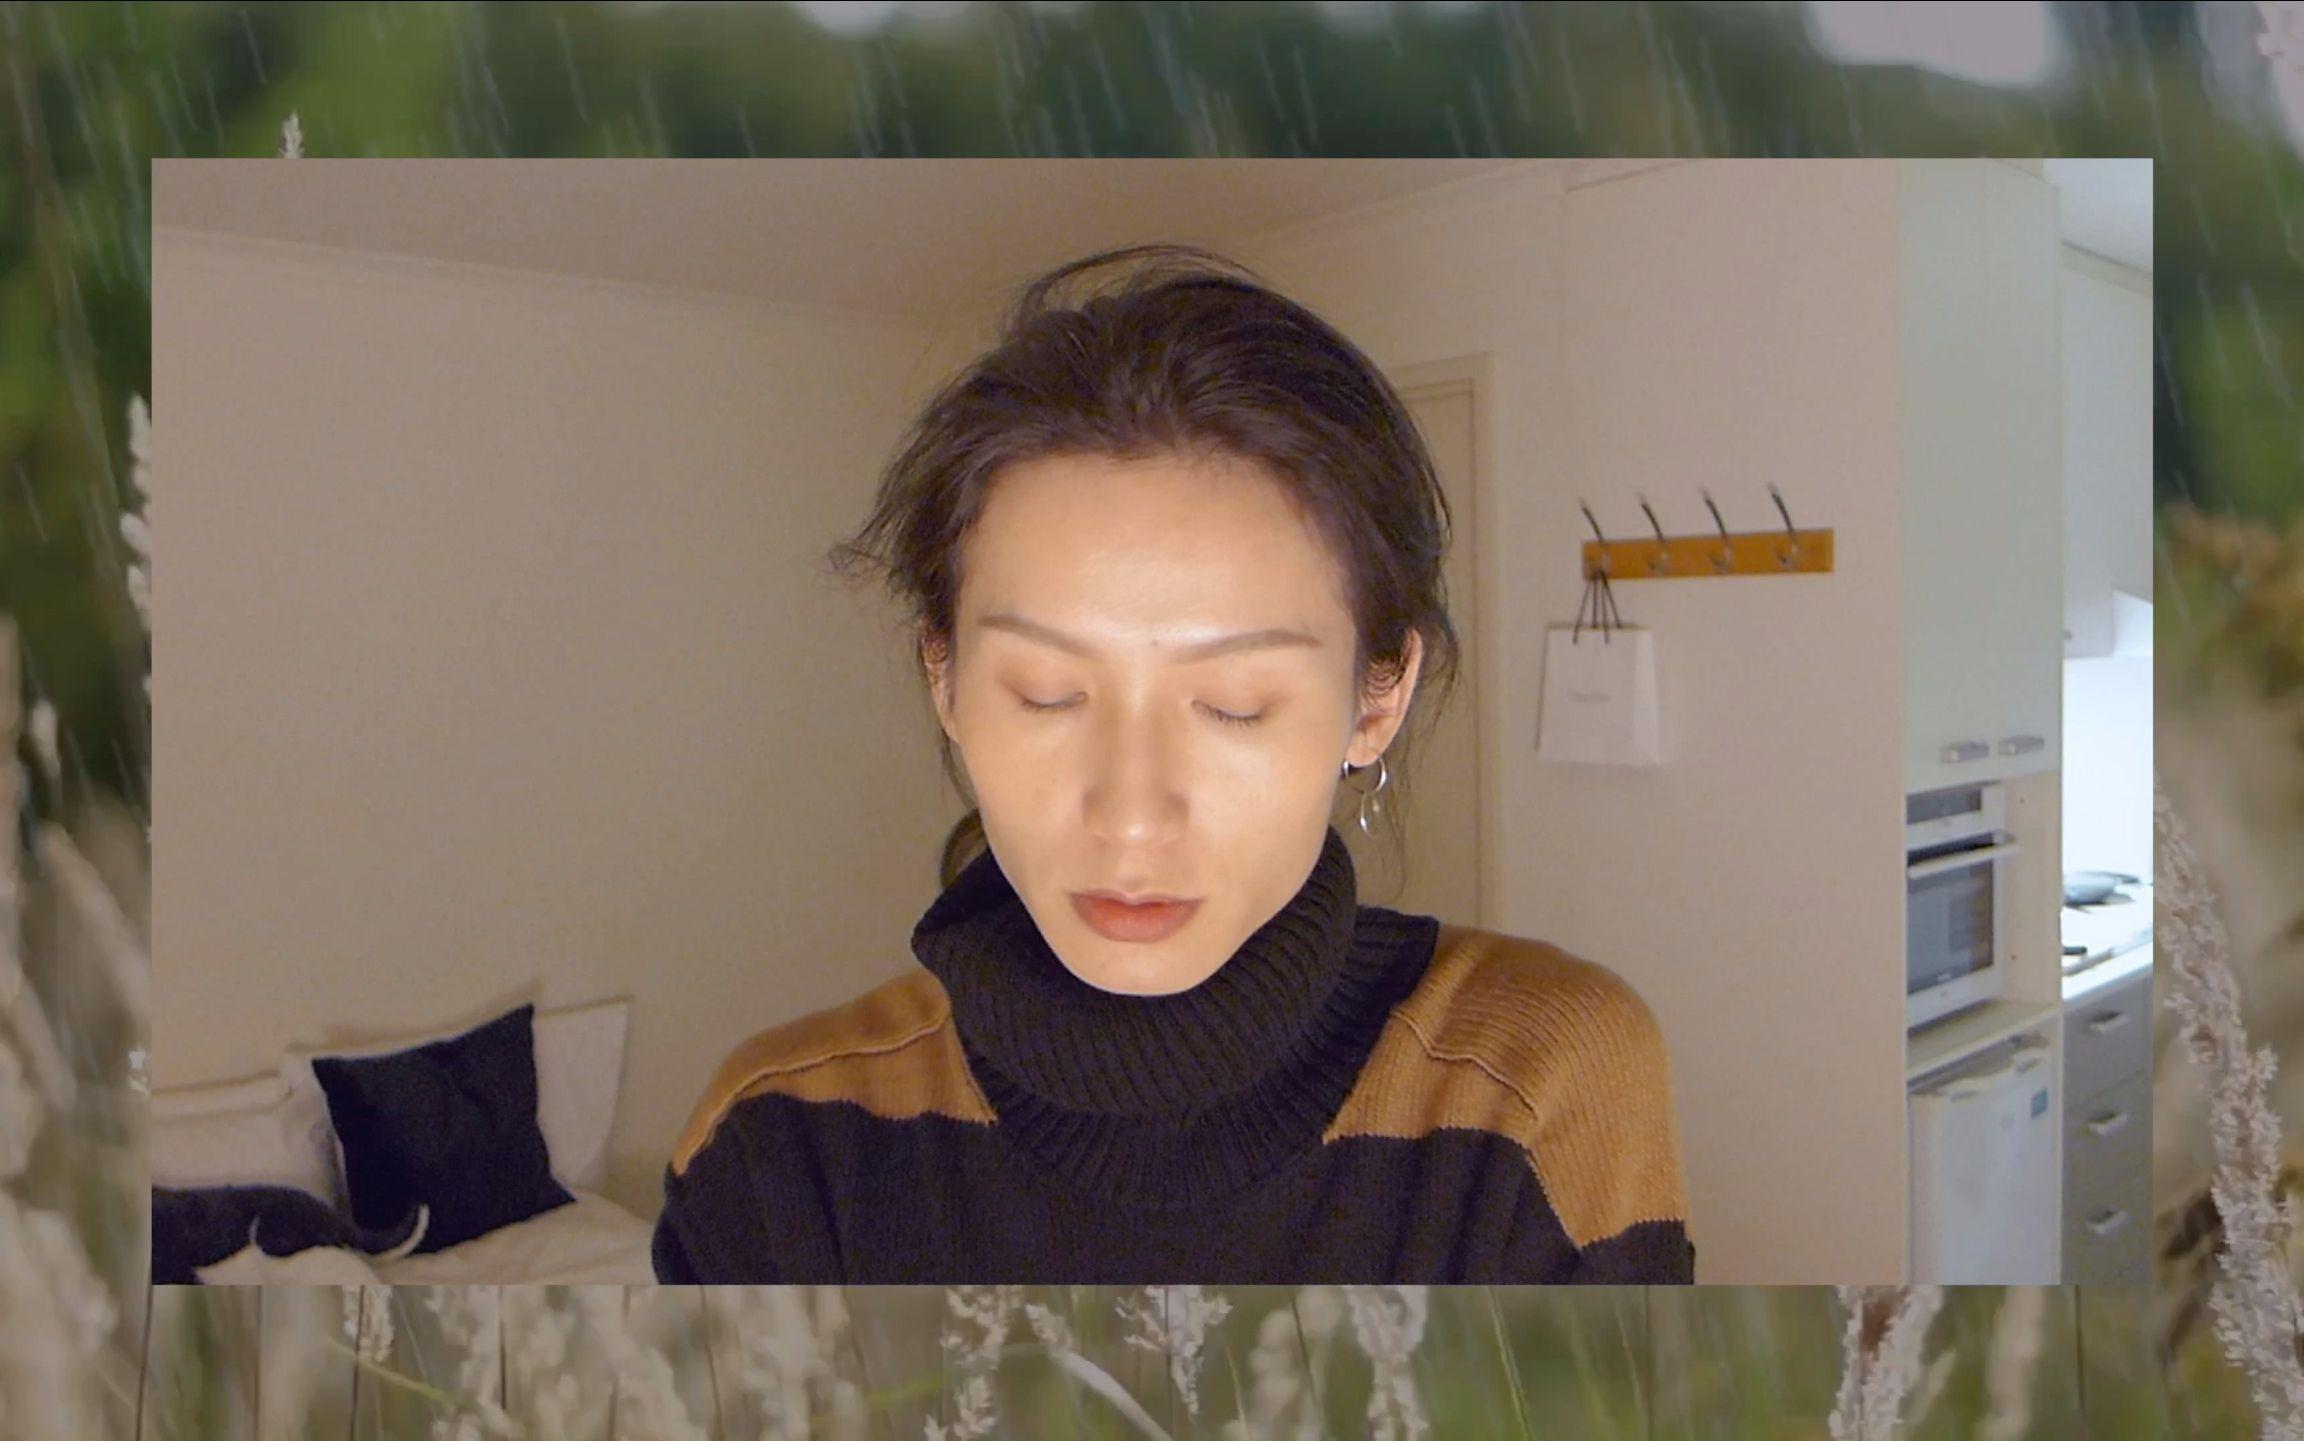 下雨天 -- 南拳媽媽 (COVER BY CLIVE YOU)_嗶哩嗶哩 (゜-゜)つロ 干杯~-bilibili